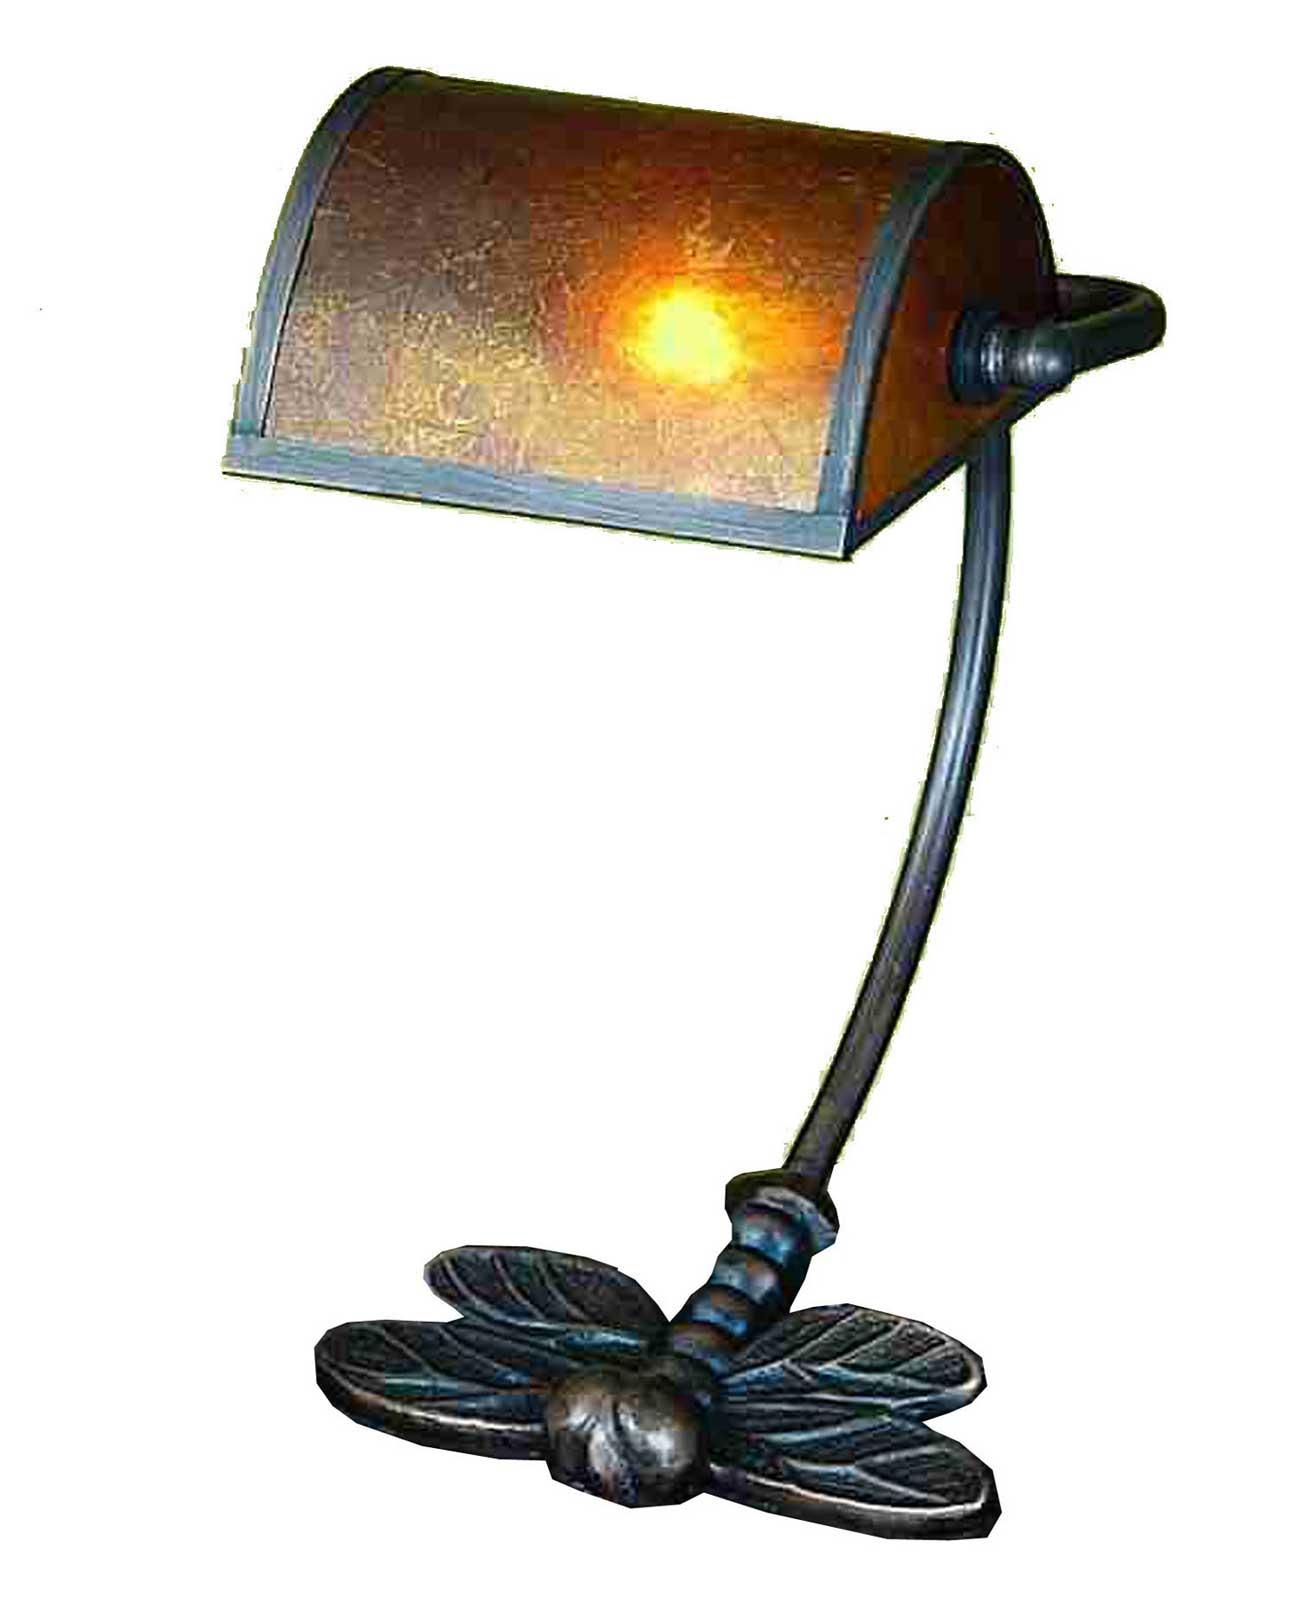 tiffany desk lamps photo 3 - Tiffany Table Lamps